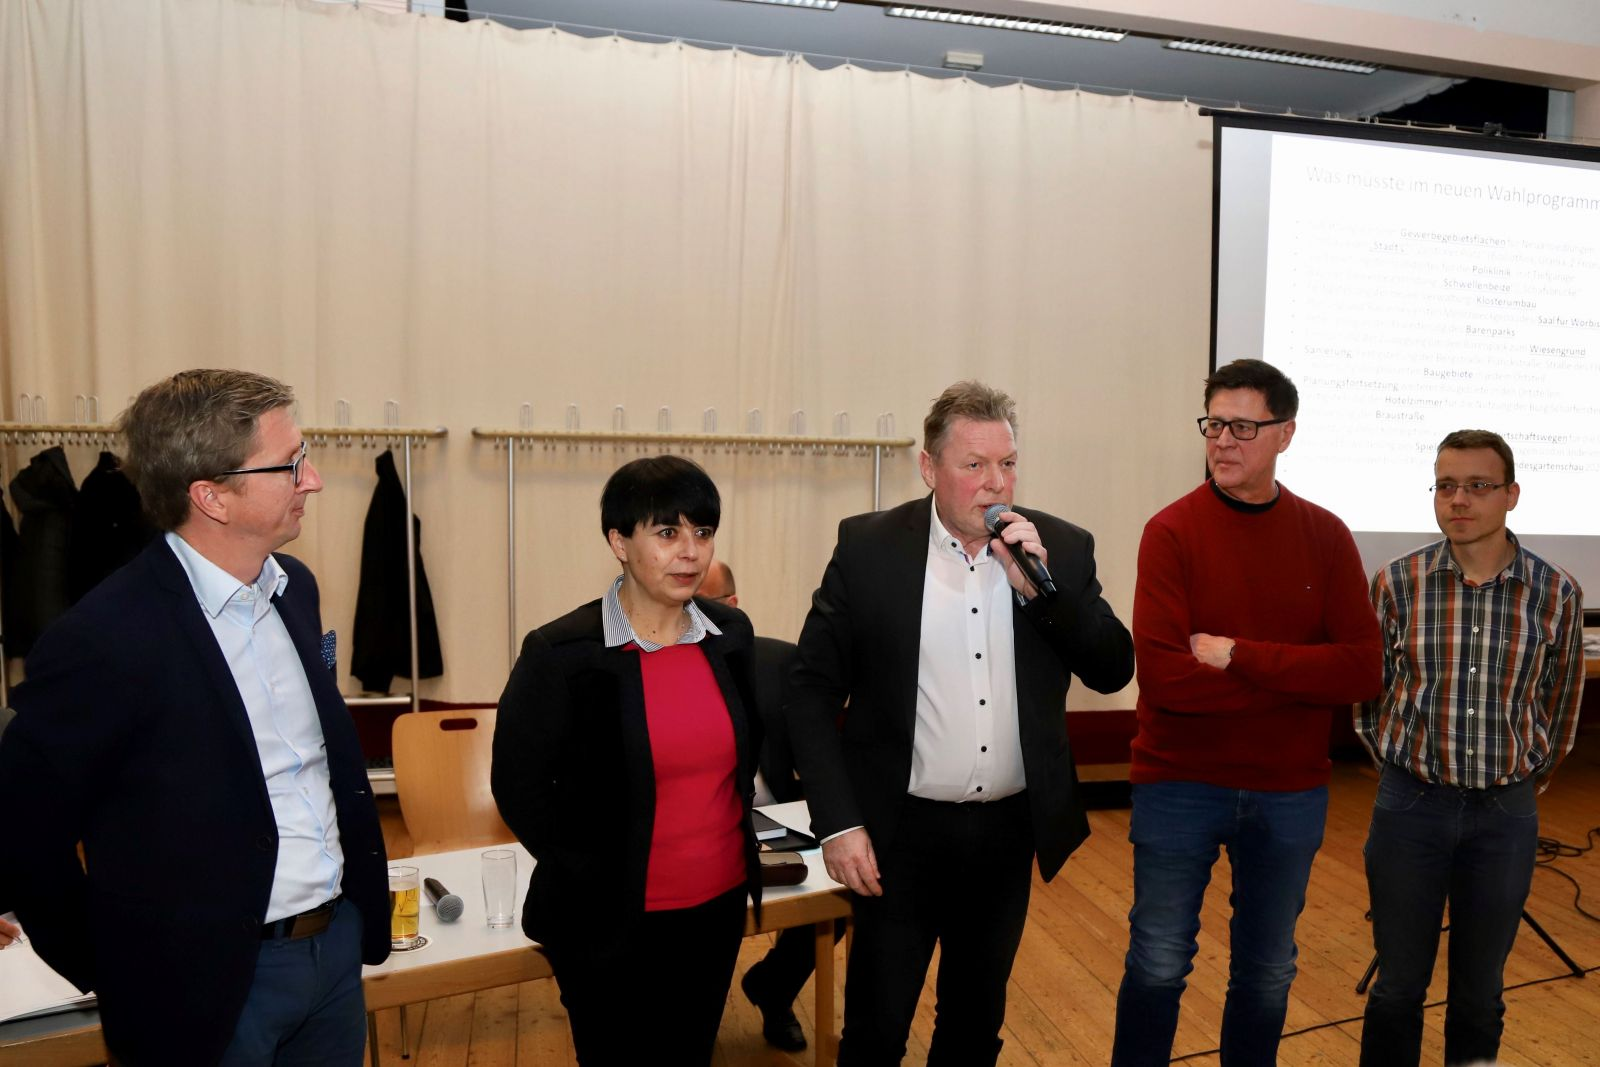 CDU_Wahlversammlung_11.01.2019